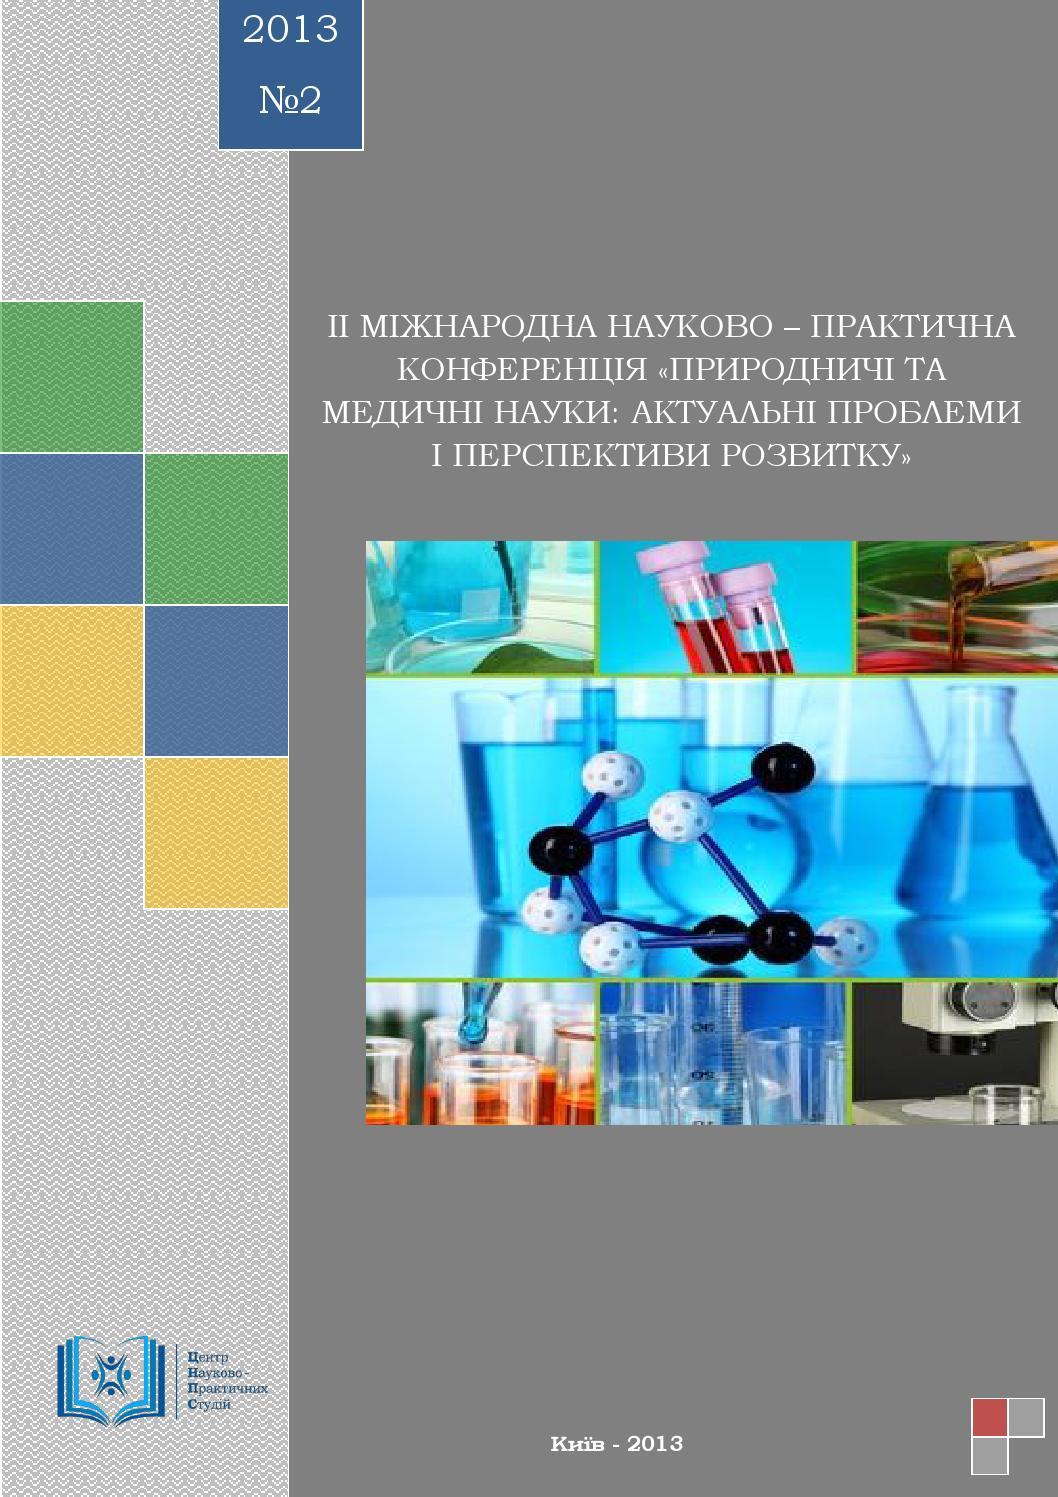 мед медичні конференції київ 2017 человека